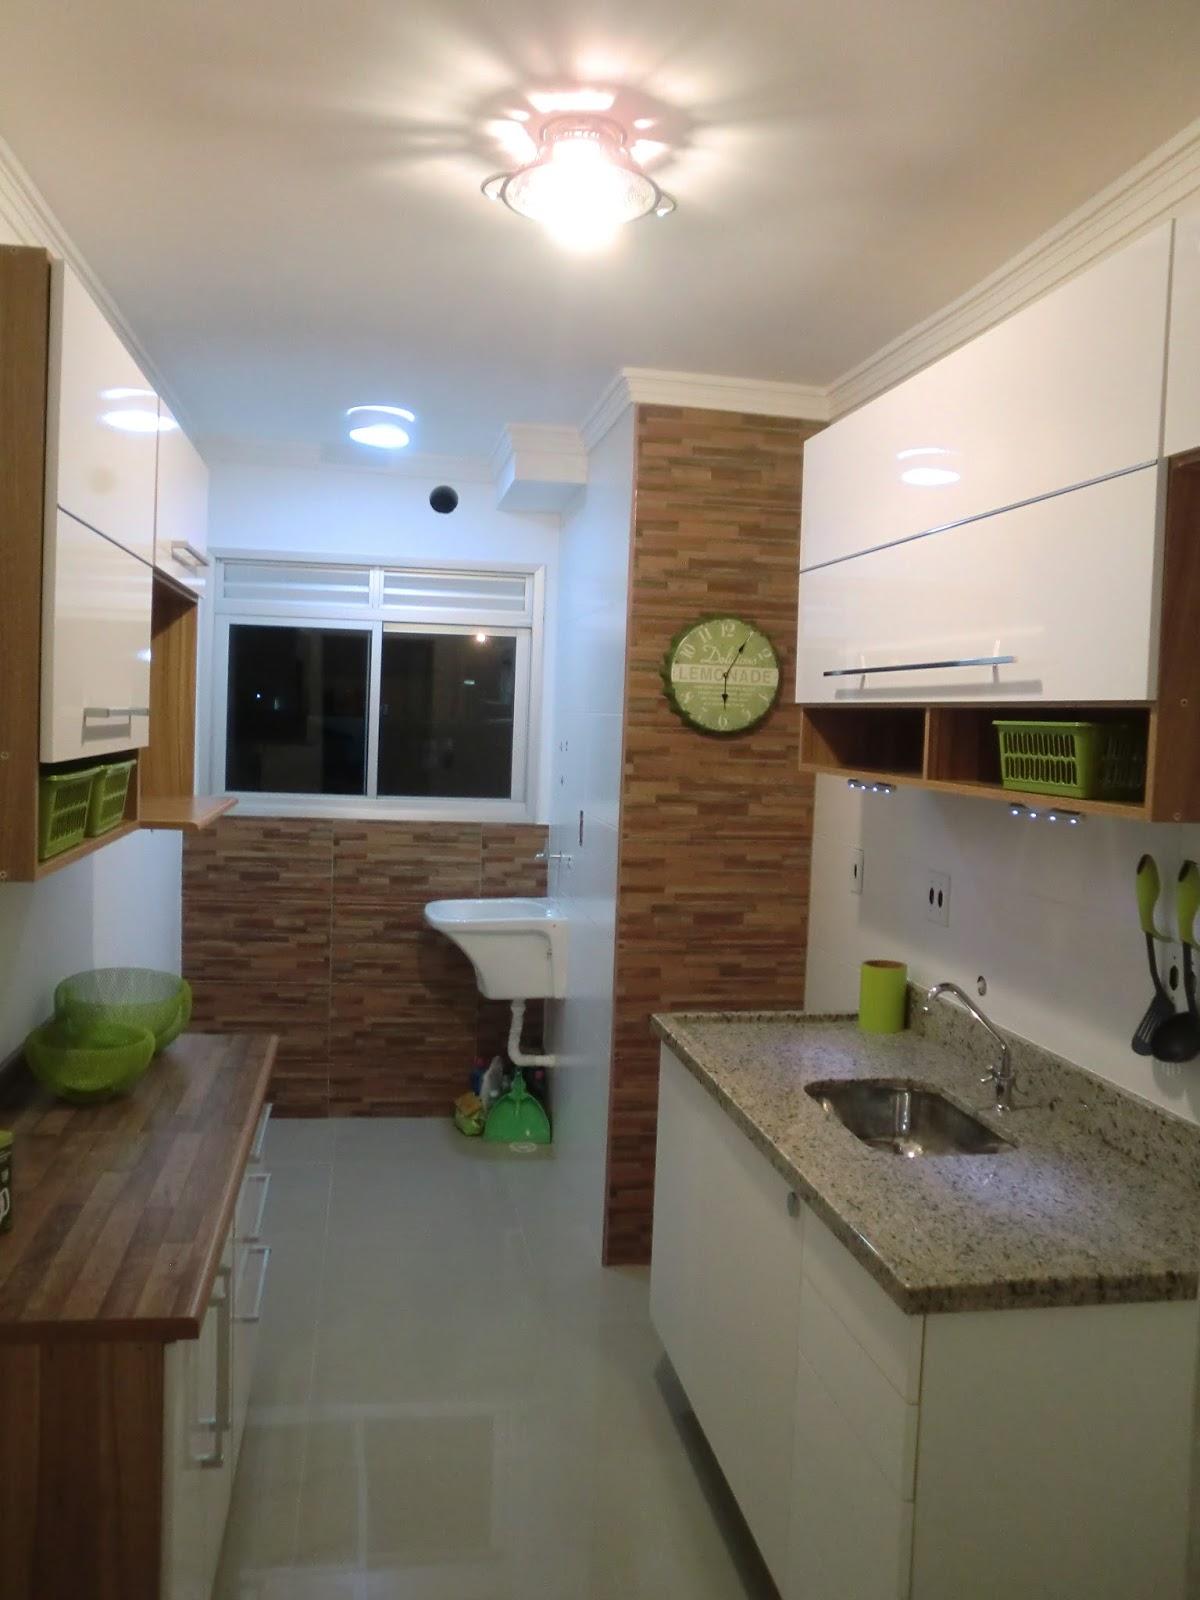 Reforma do Apartamento Antes e Depois da Cozinha do Apartamento  #465C2D 1200 1600